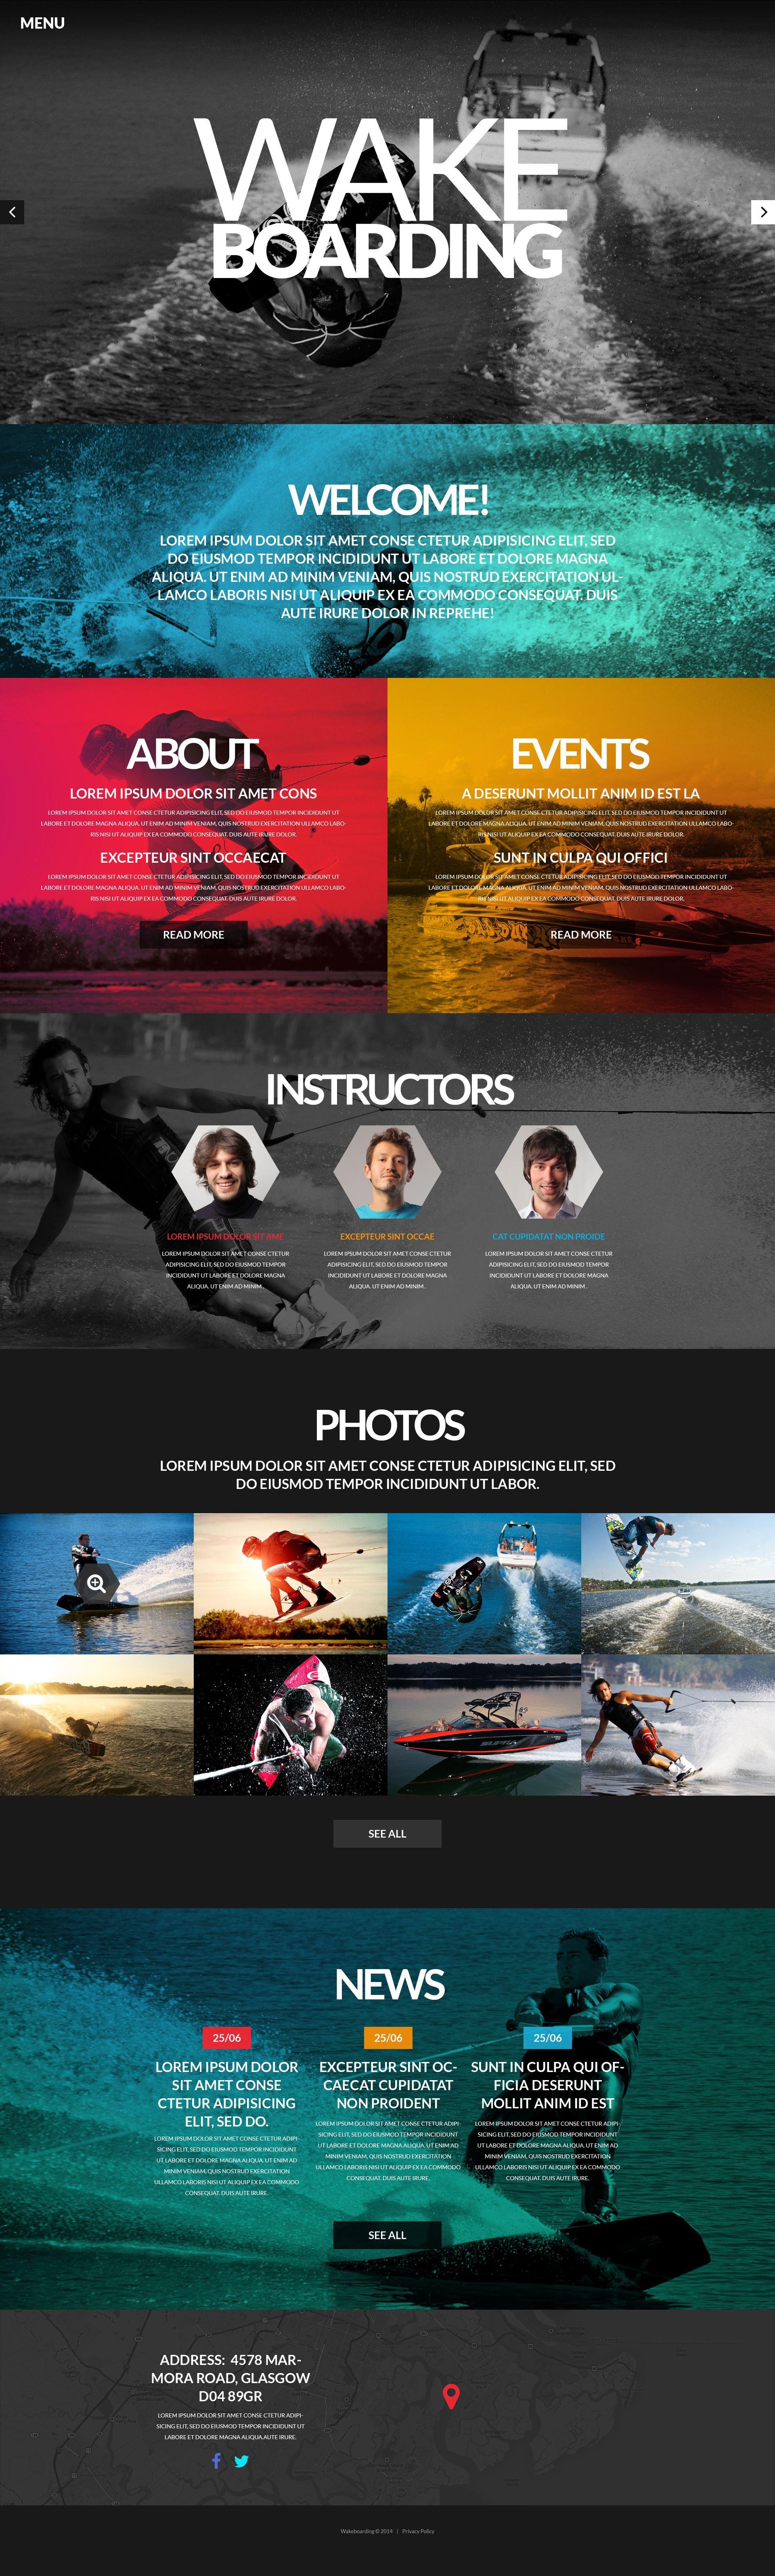 Template Siti Web Responsive #52120 per Un Sito di Wakeboarding